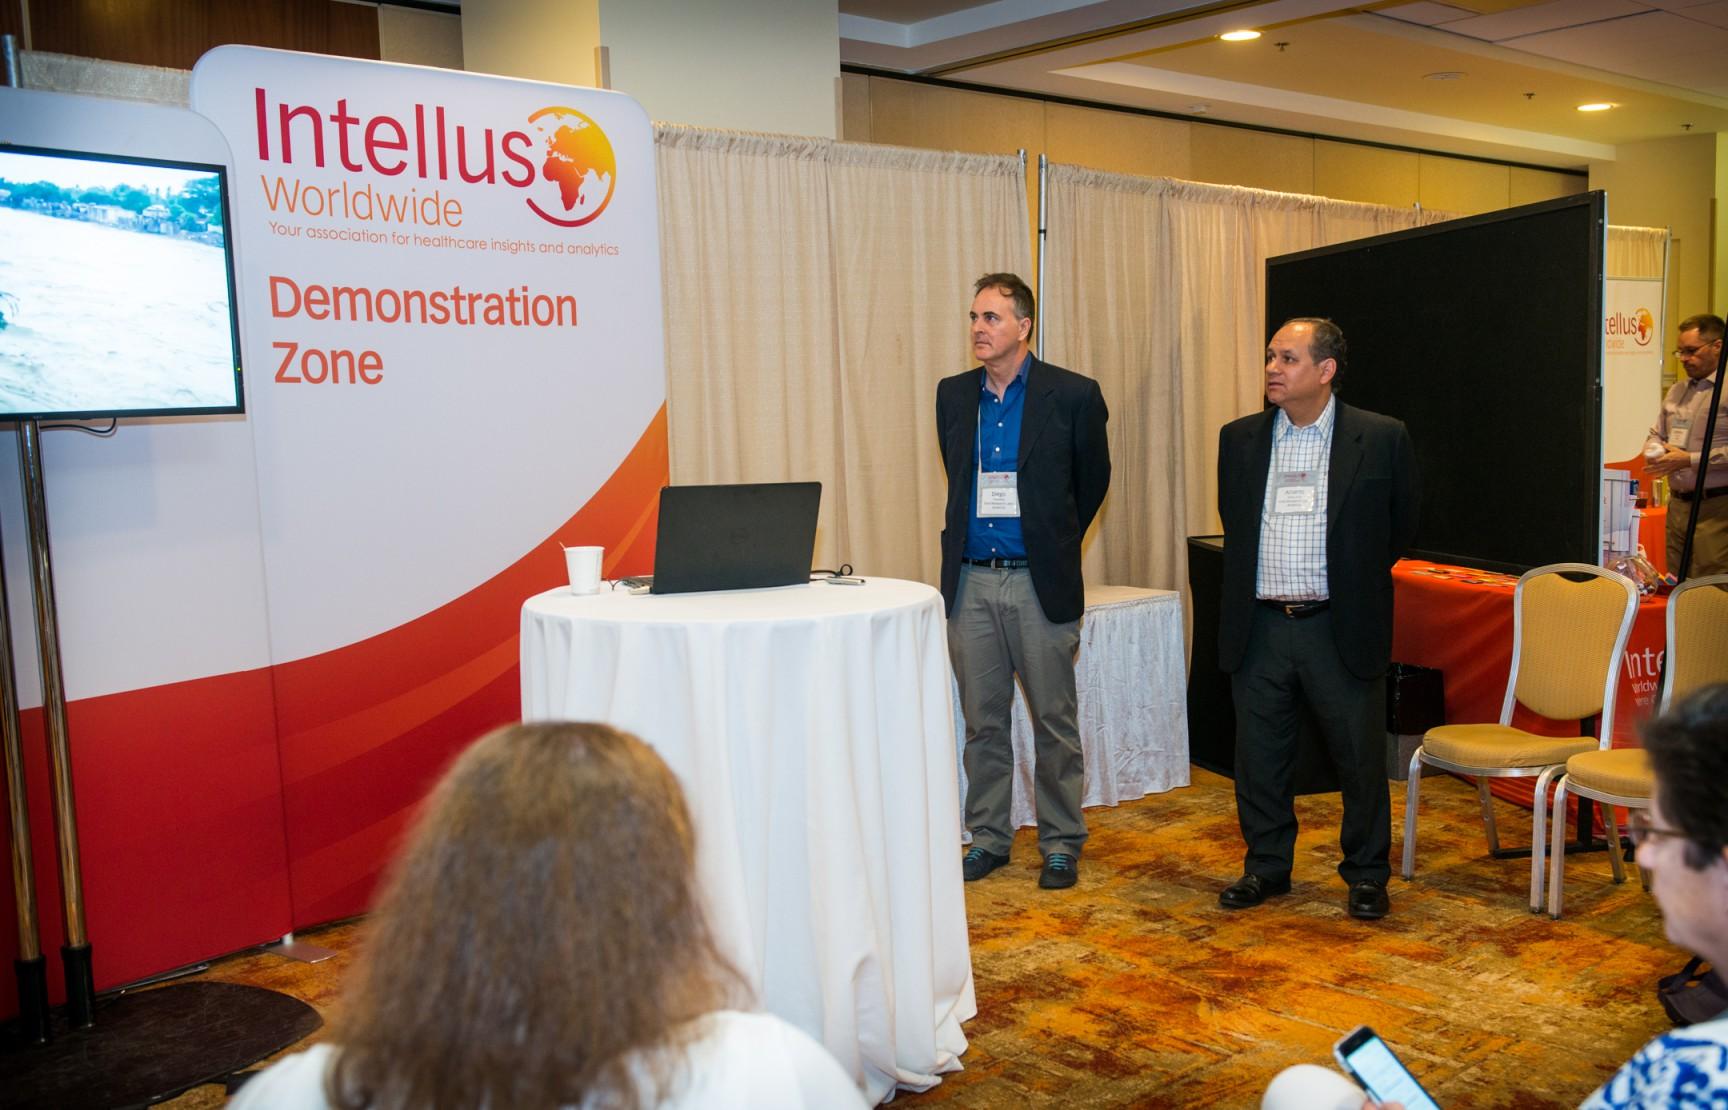 Fine Research exhibe y presenta en Filadelfia, EE. UU., en la primera conferencia de Intellus Worldwide.